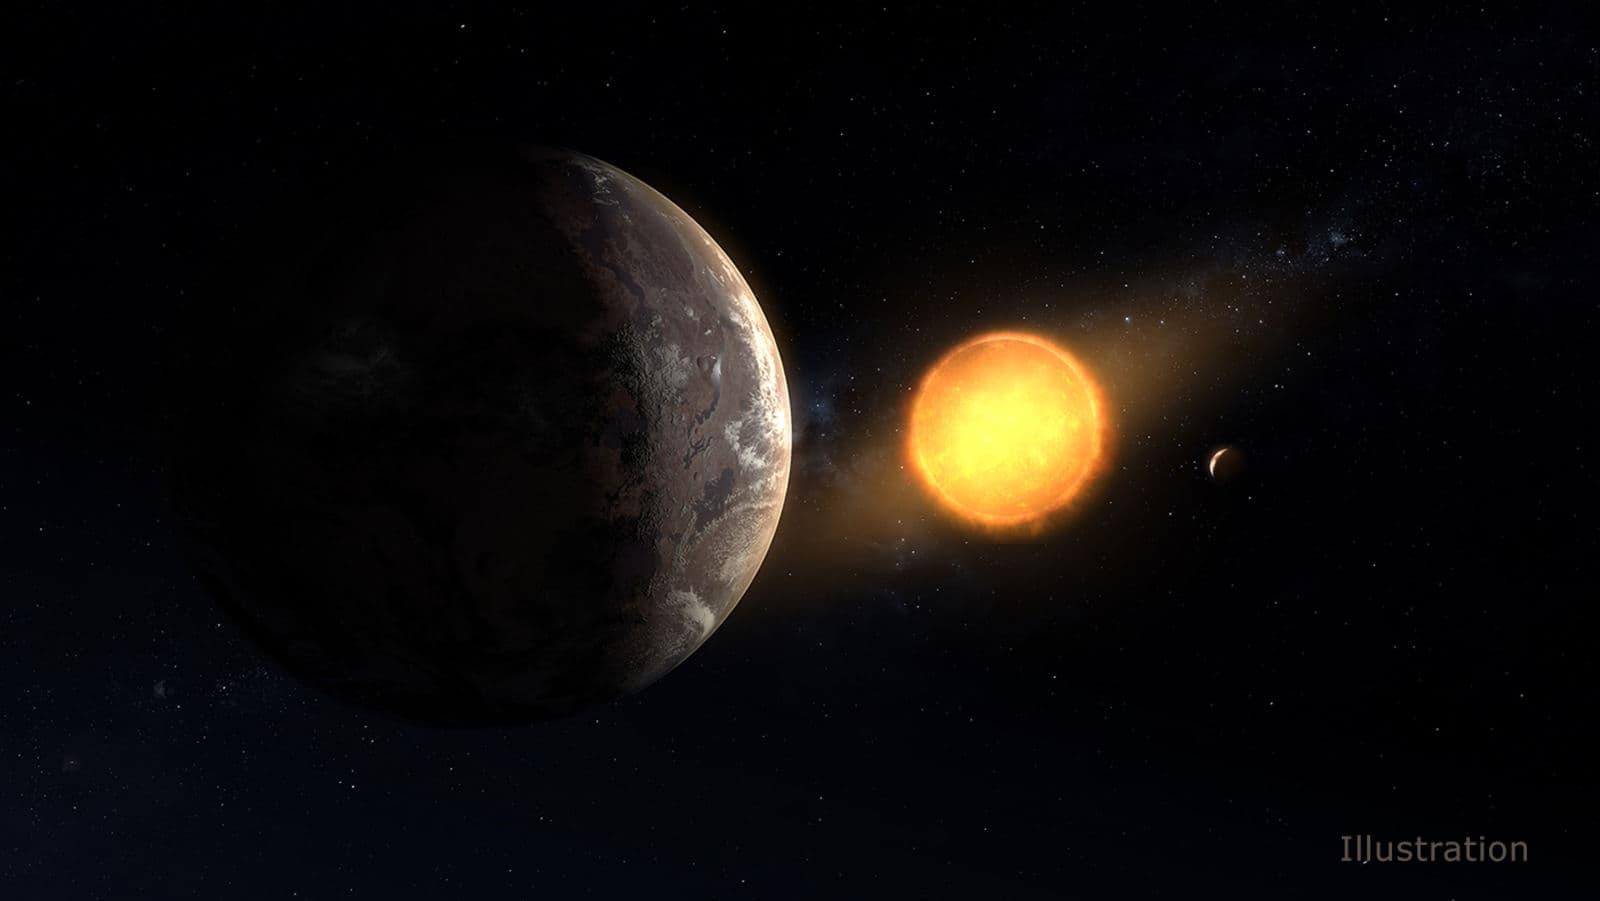 Representação artística de Kepler-1649c, a anã vermelha, e um segundo planeta anteriormente conhecido por existir neste sistema